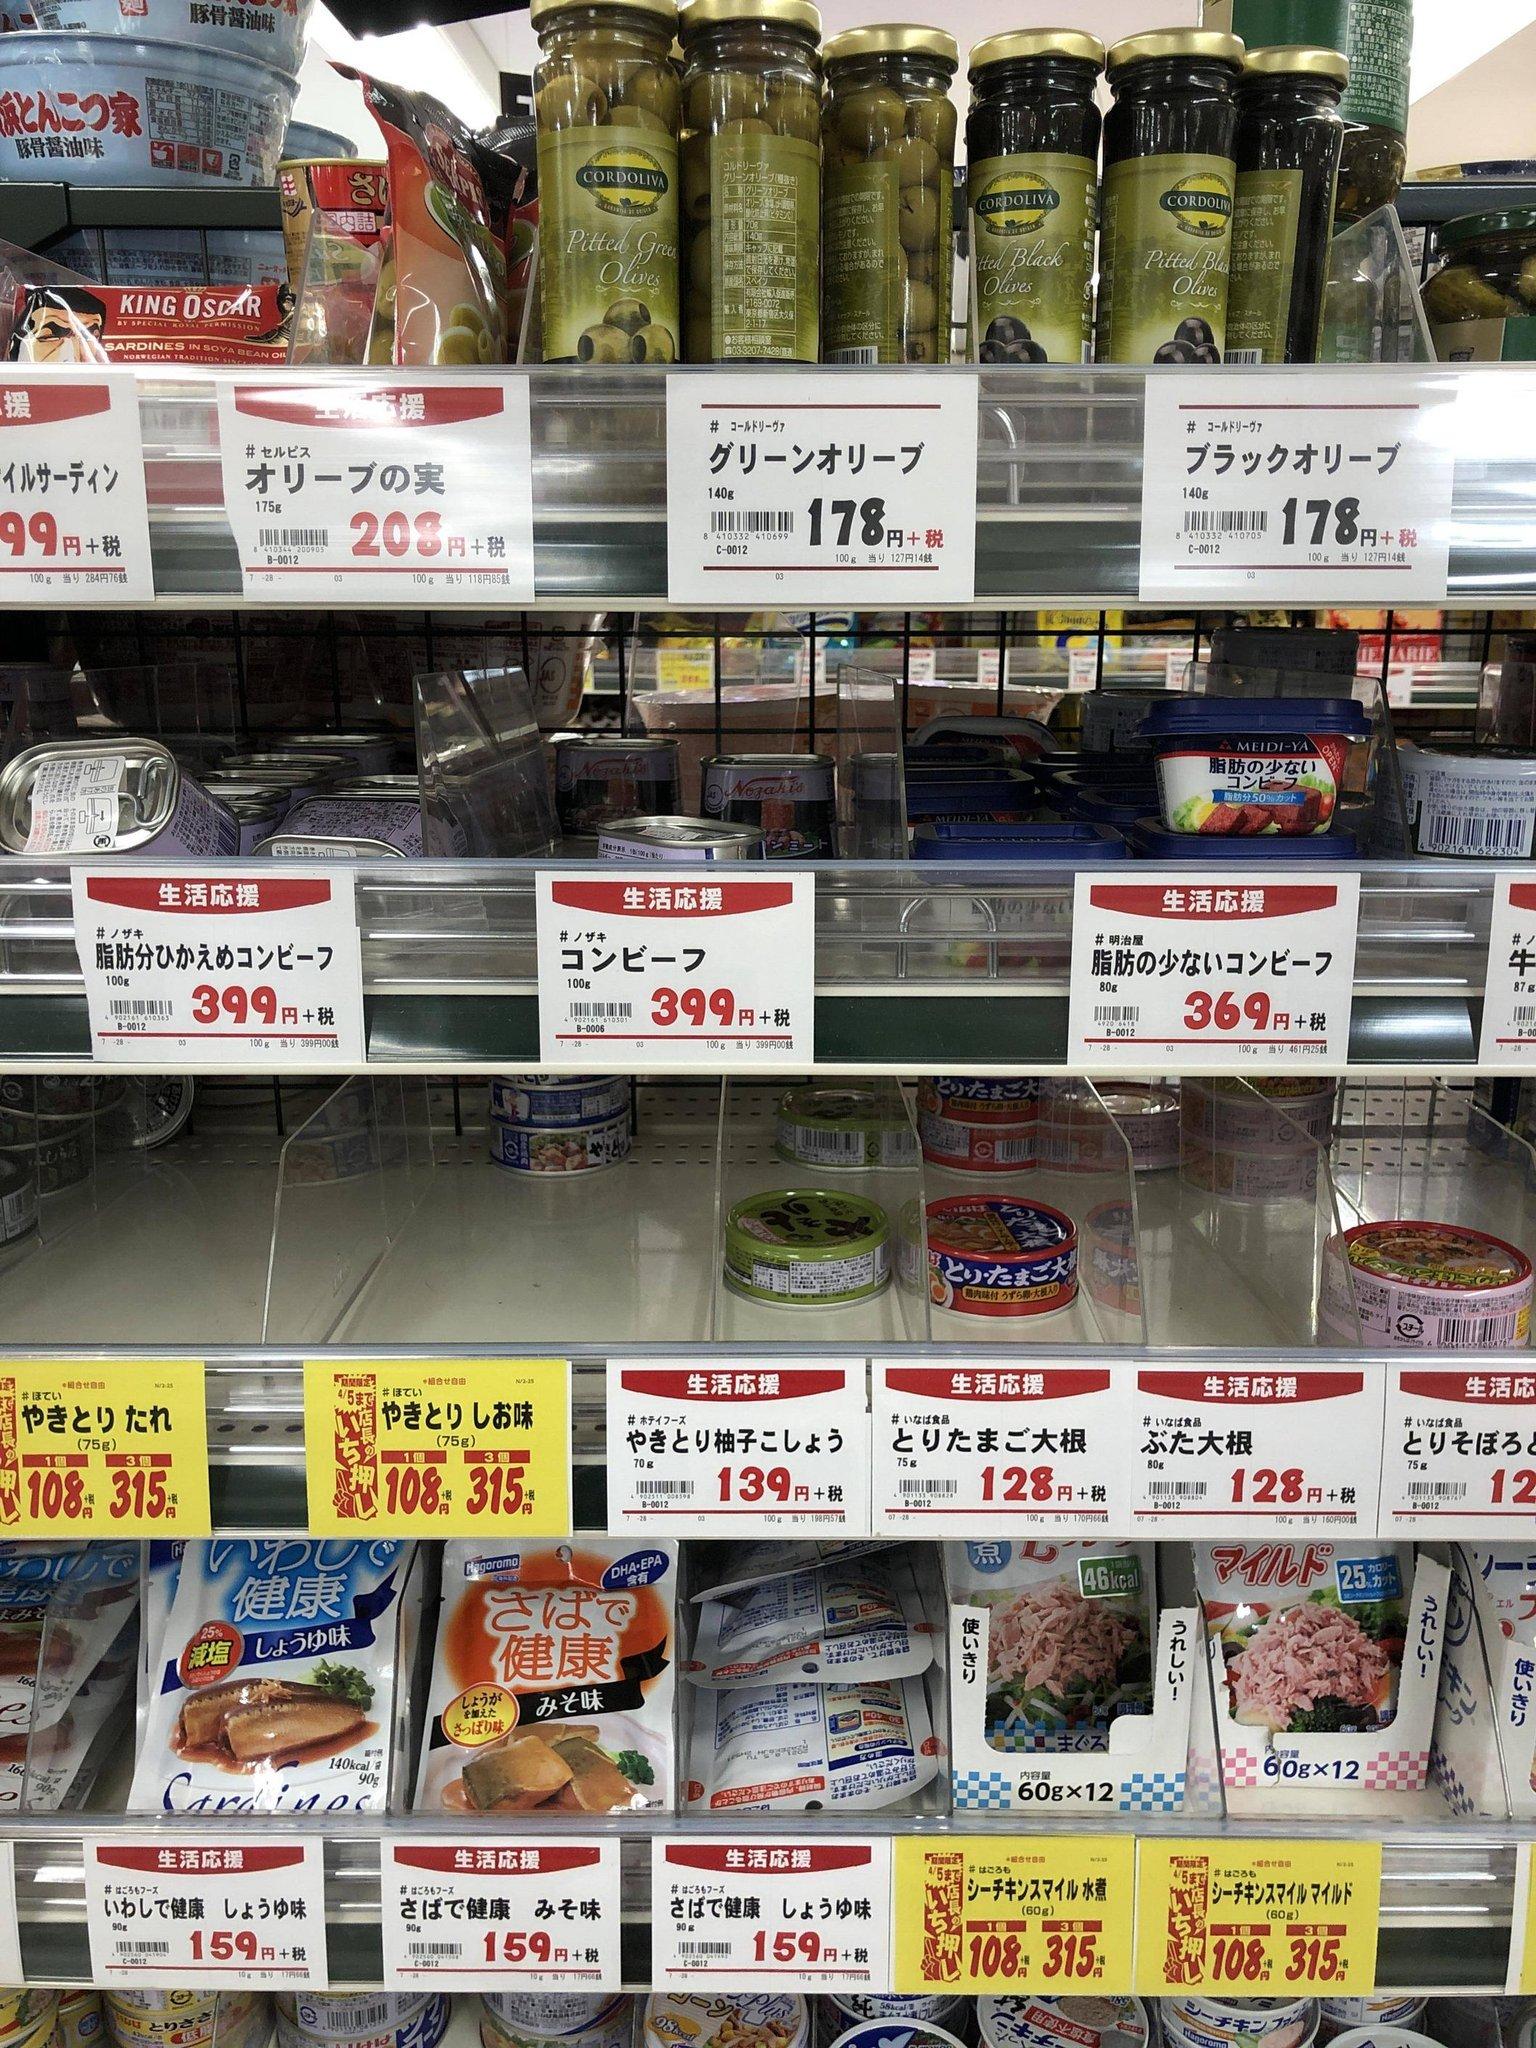 画像,首都封鎖されるという危機感からか、都内のスーパーで買い占めが始まった。 https://t.co/4w5asKXHOH。